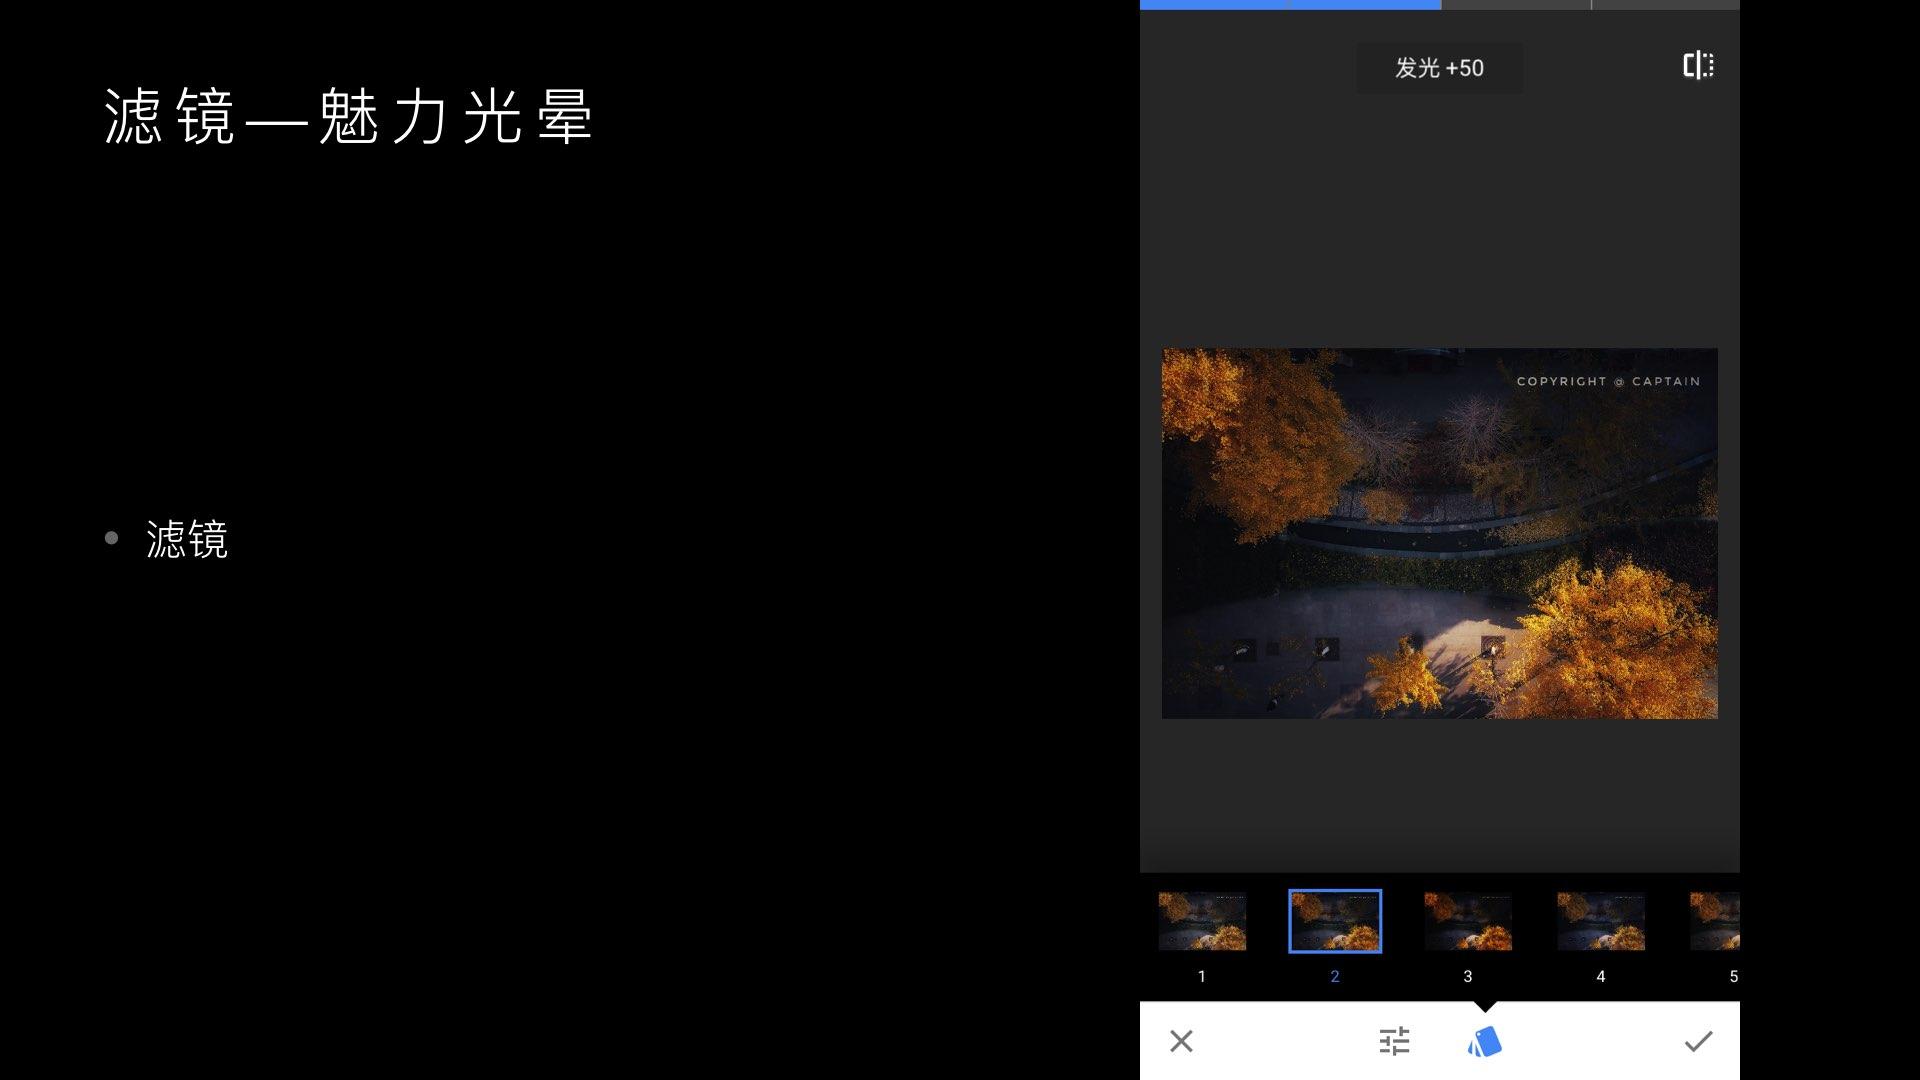 化腐朽为神奇,Snapseed图片编辑教程.023.jpeg